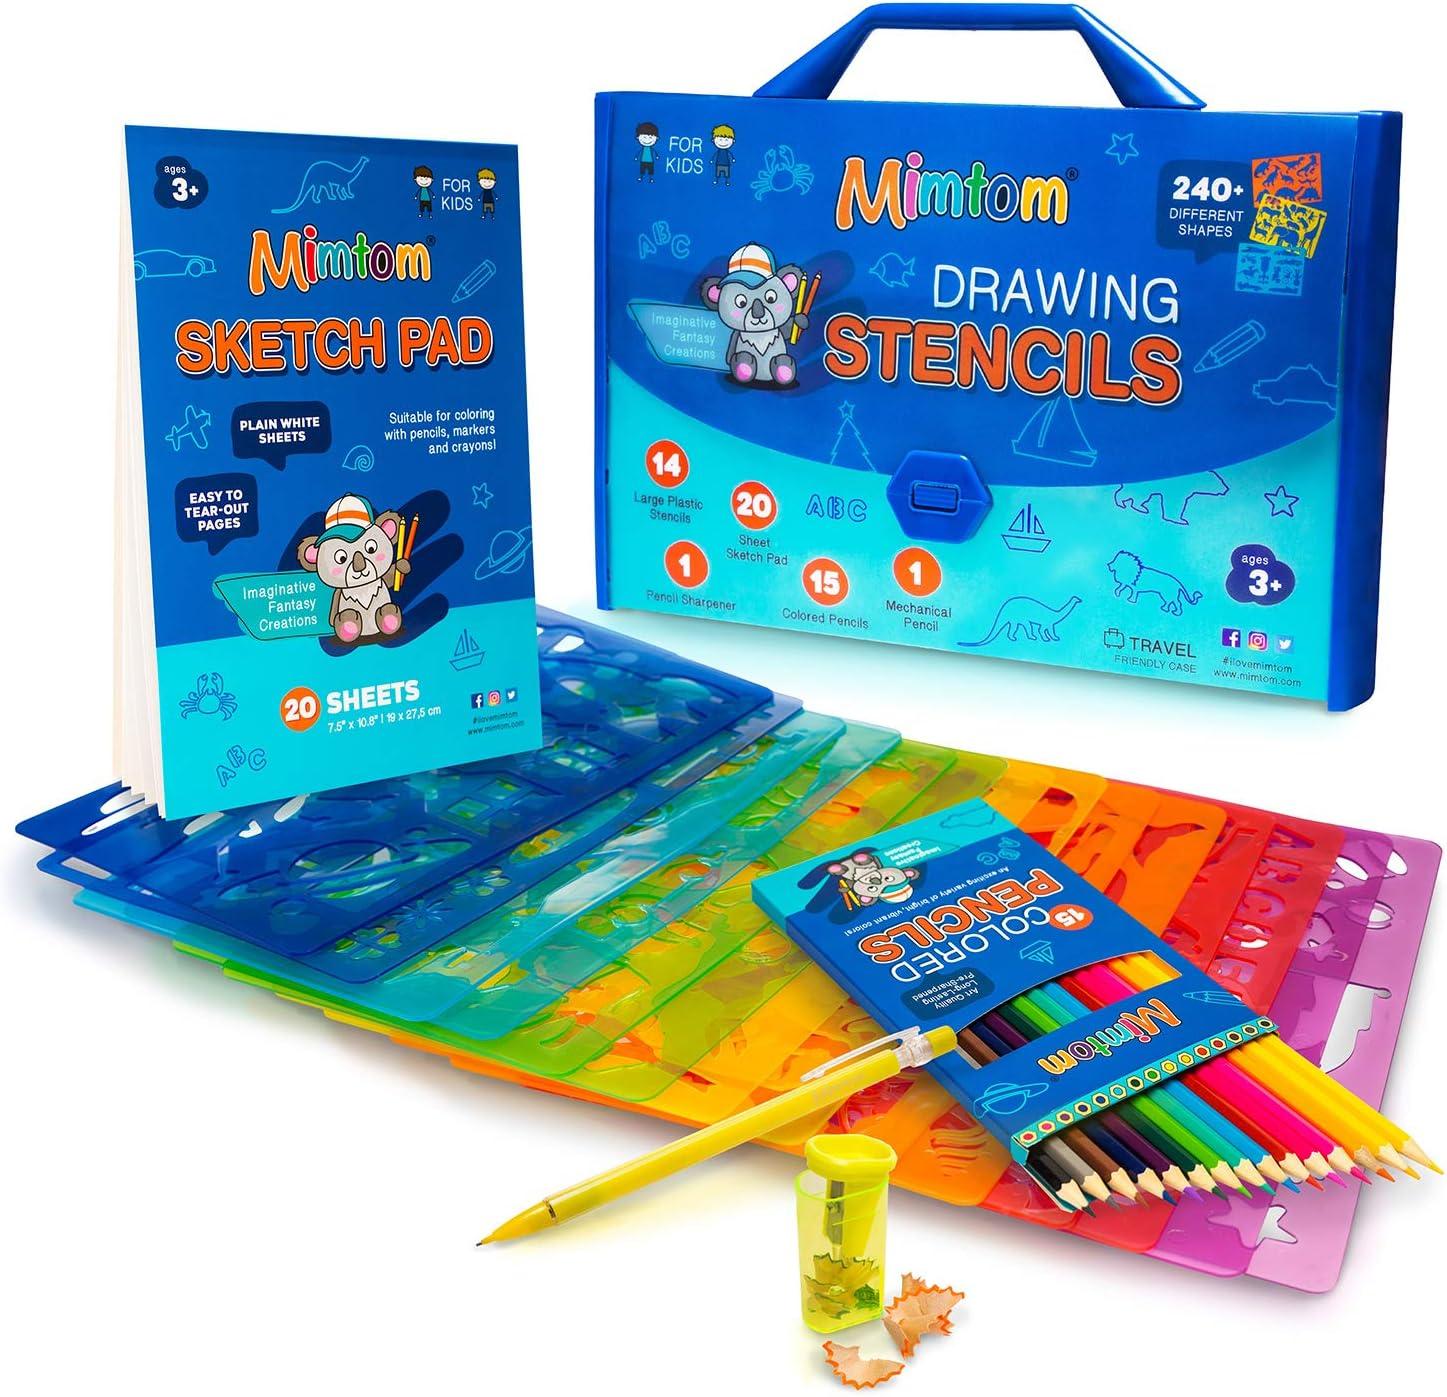 Mimtom Plantillas de Dibujo Kit de Manualidades para niños y Chicos con 240 Figuras   Plantillas para Pintar Que desarrollan la Creatividad   Desde los 3 años